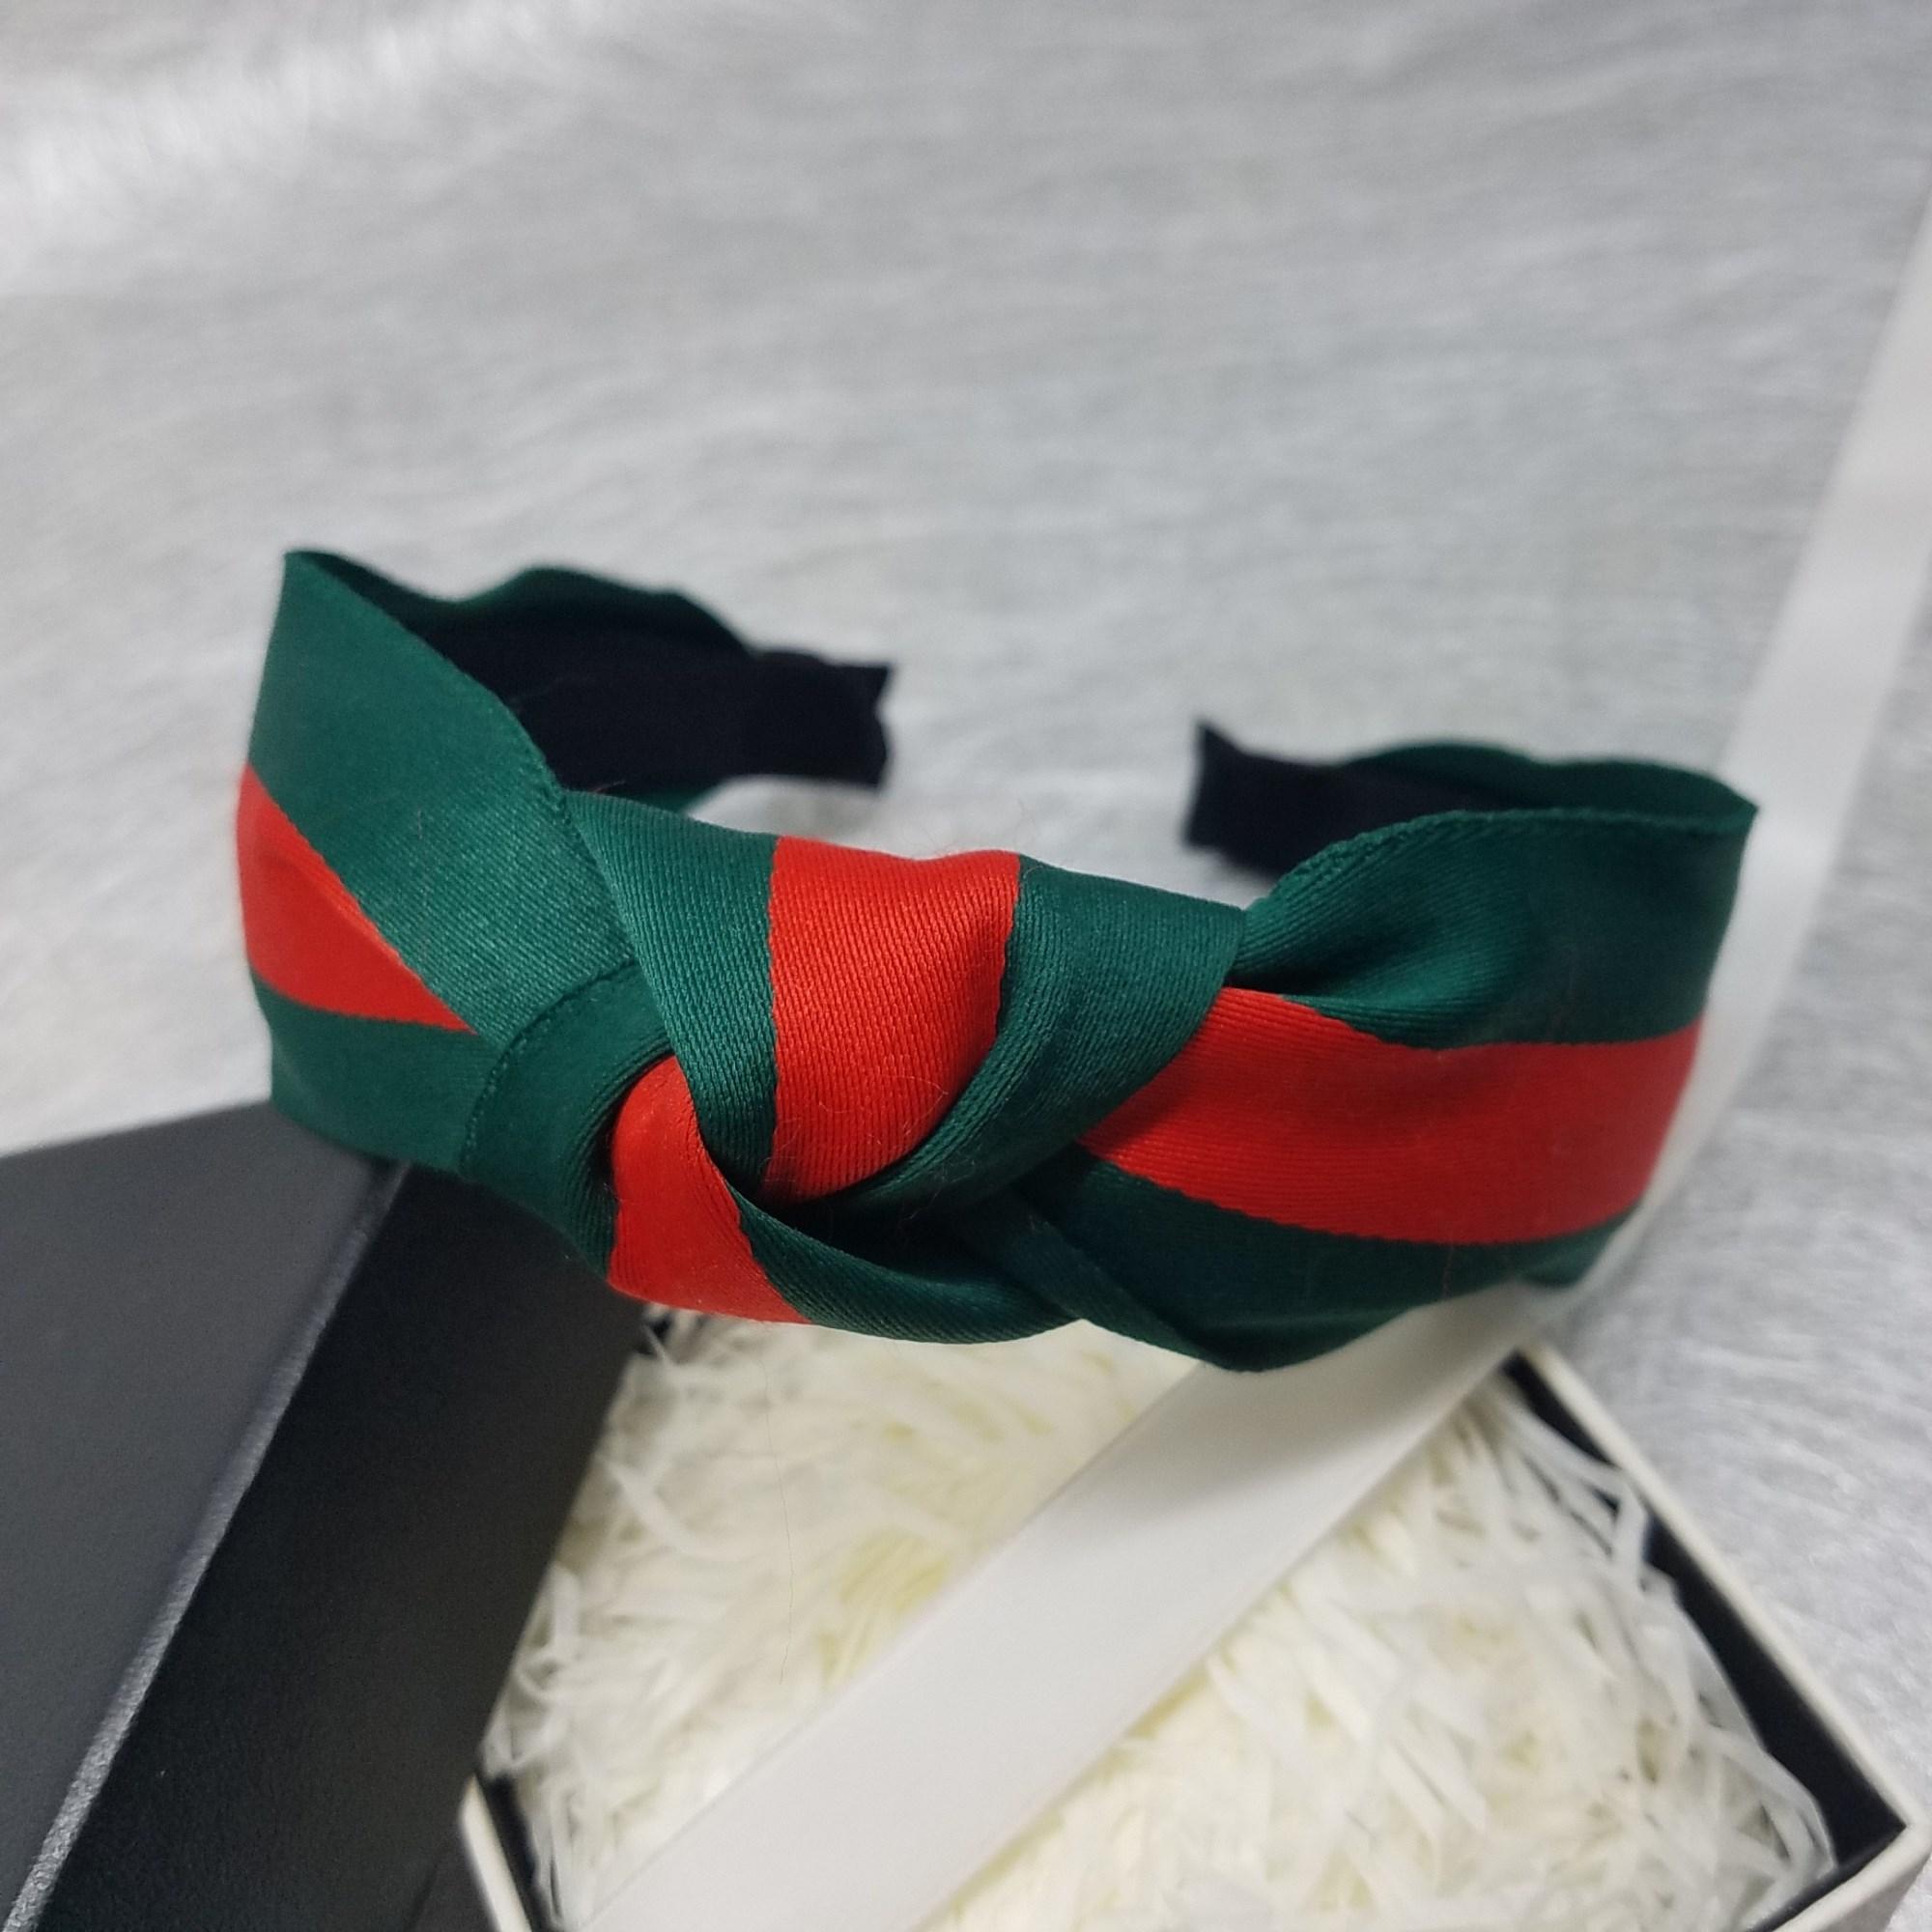 韓國百搭寬邊發卡打結髮箍歐美簡約髮飾紅綠布藝發帶成人頭箍發窟 哈尼 免運可開發票